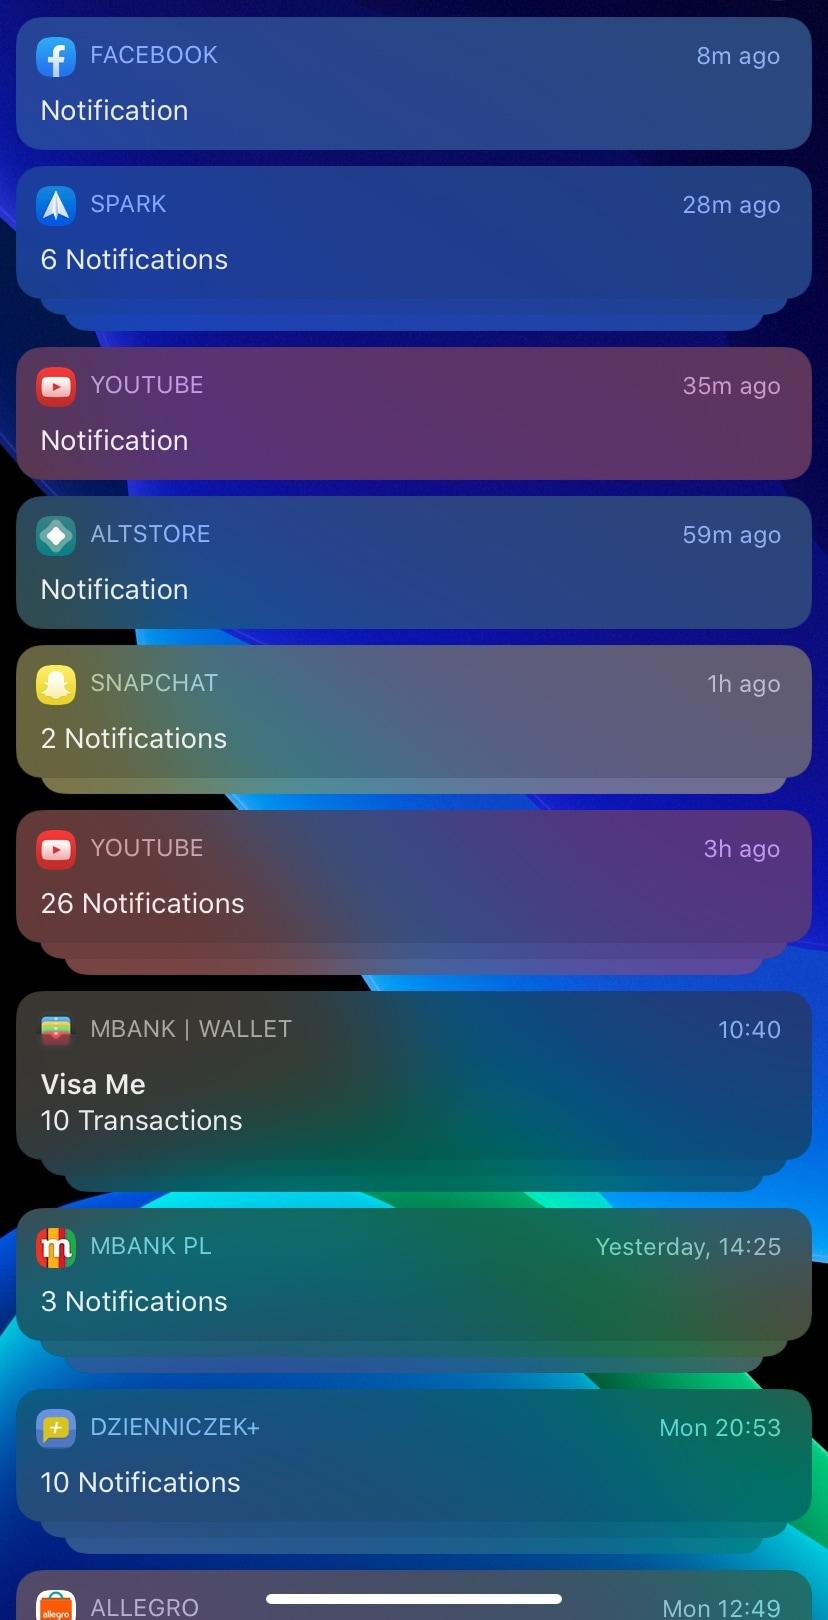 ColourNotifs làm cho biểu ngữ thông báo trên iOS nhiều màu sắc hơn 1